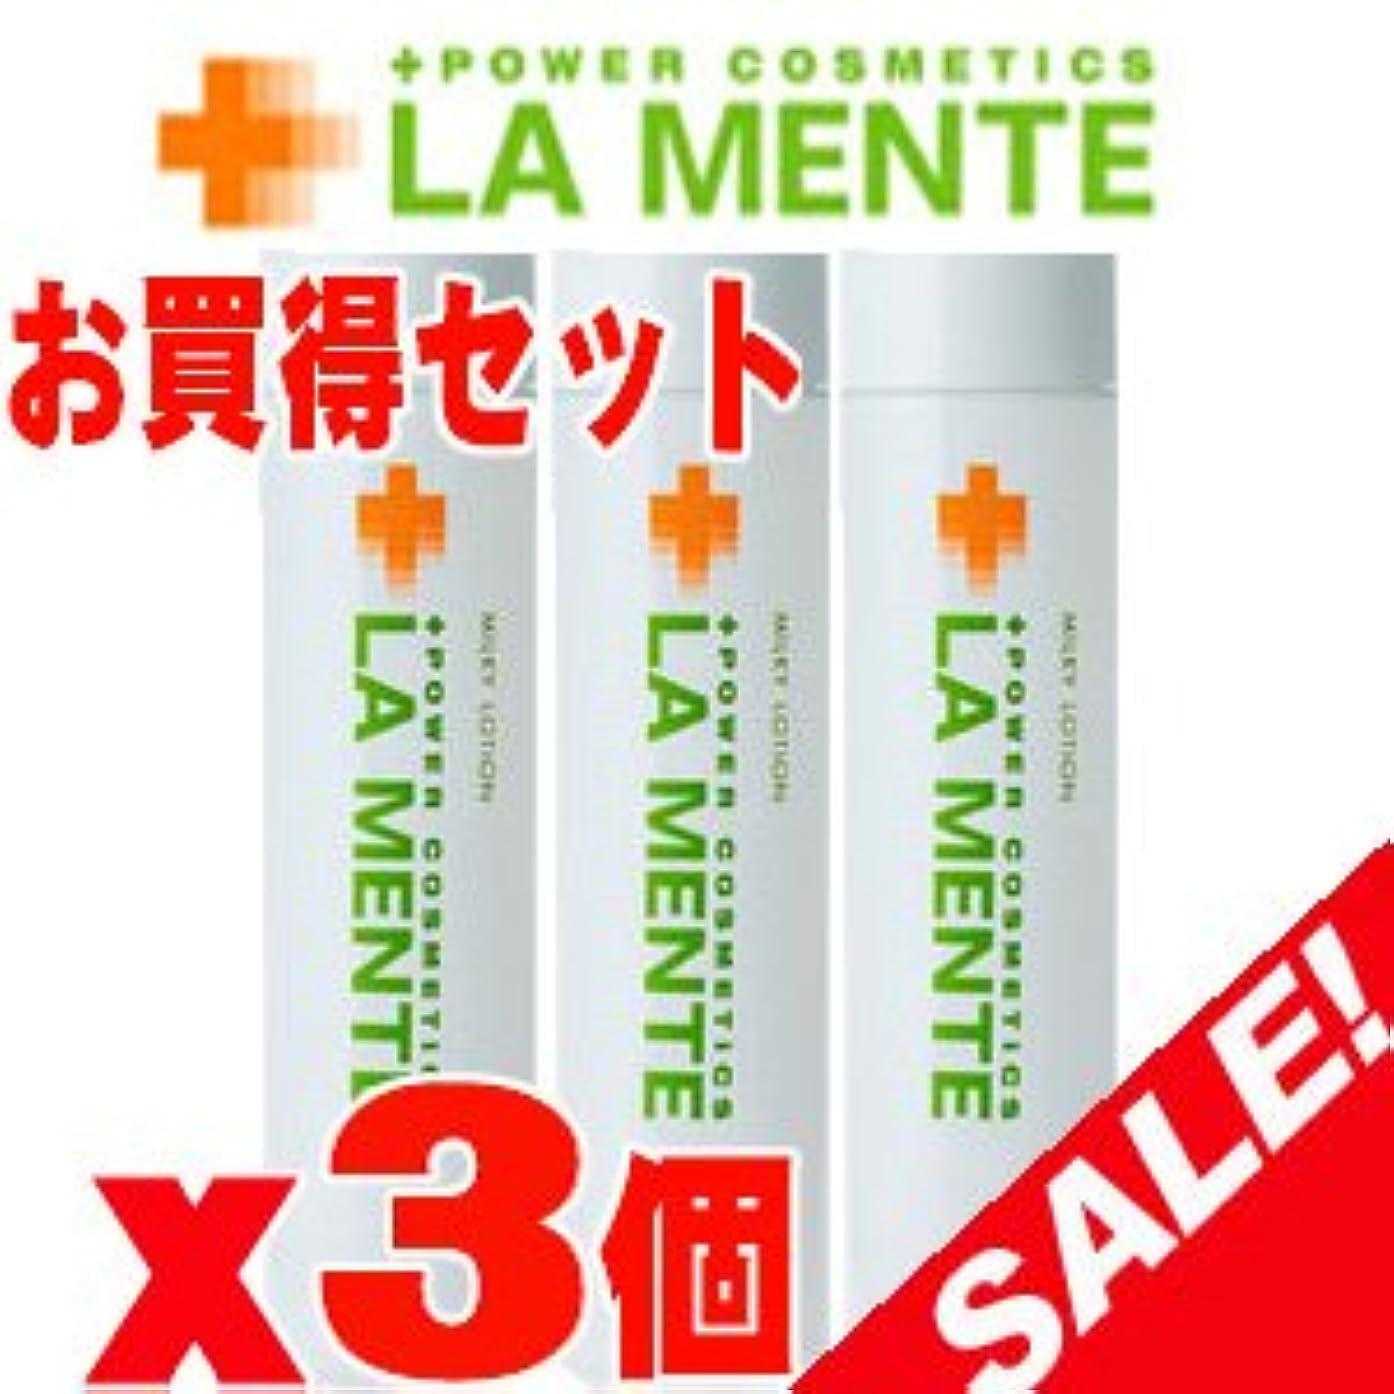 ラメンテ 薬用 ミルキィローション 150mLx3個